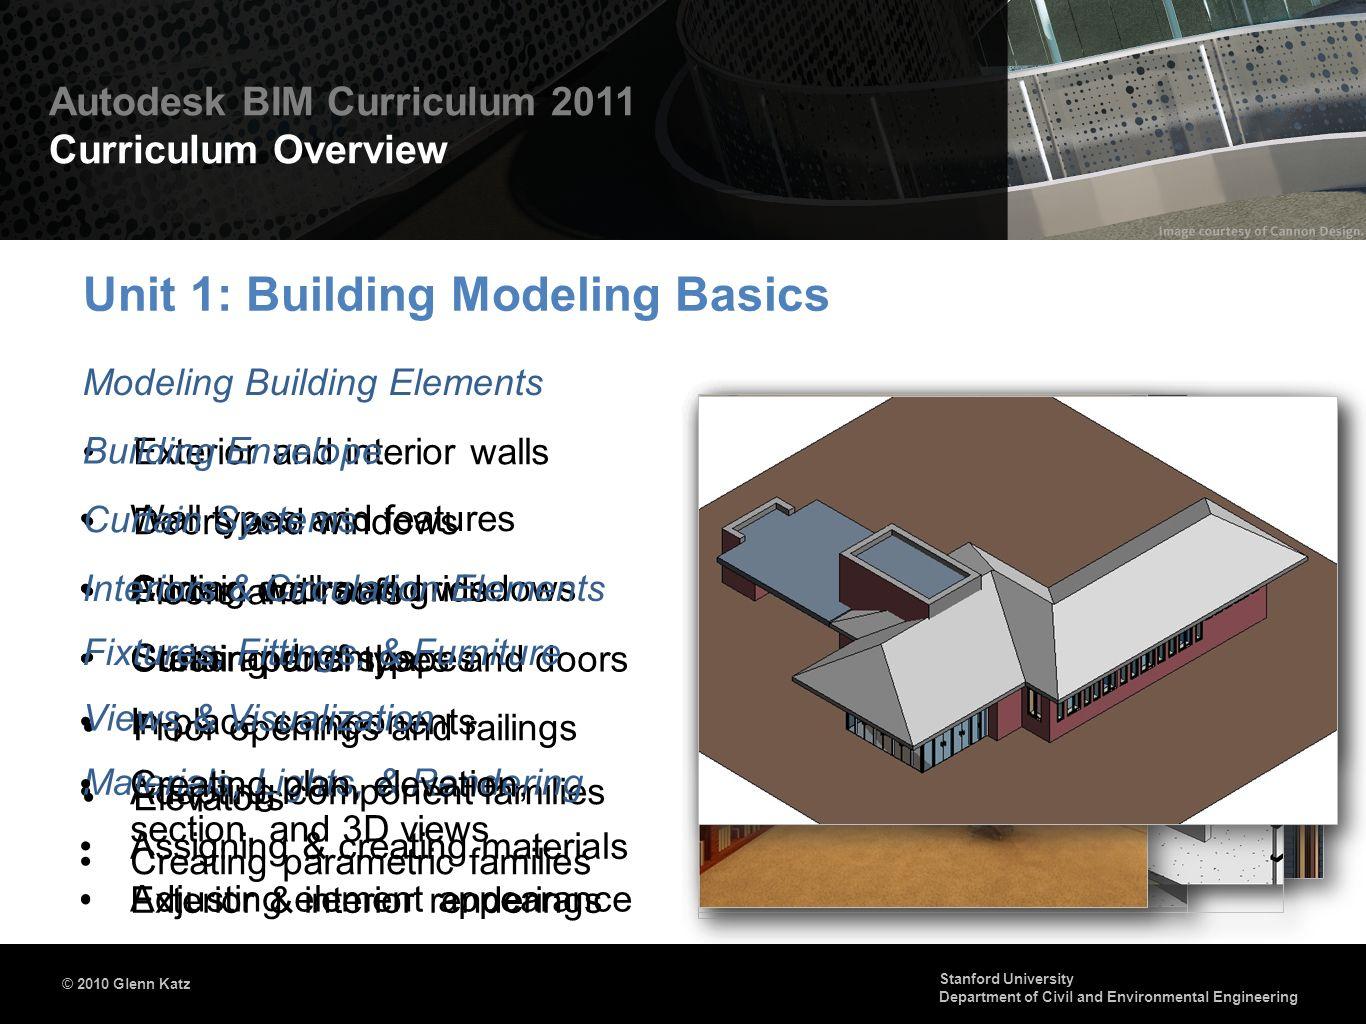 Unit 1: Building Modeling Basics